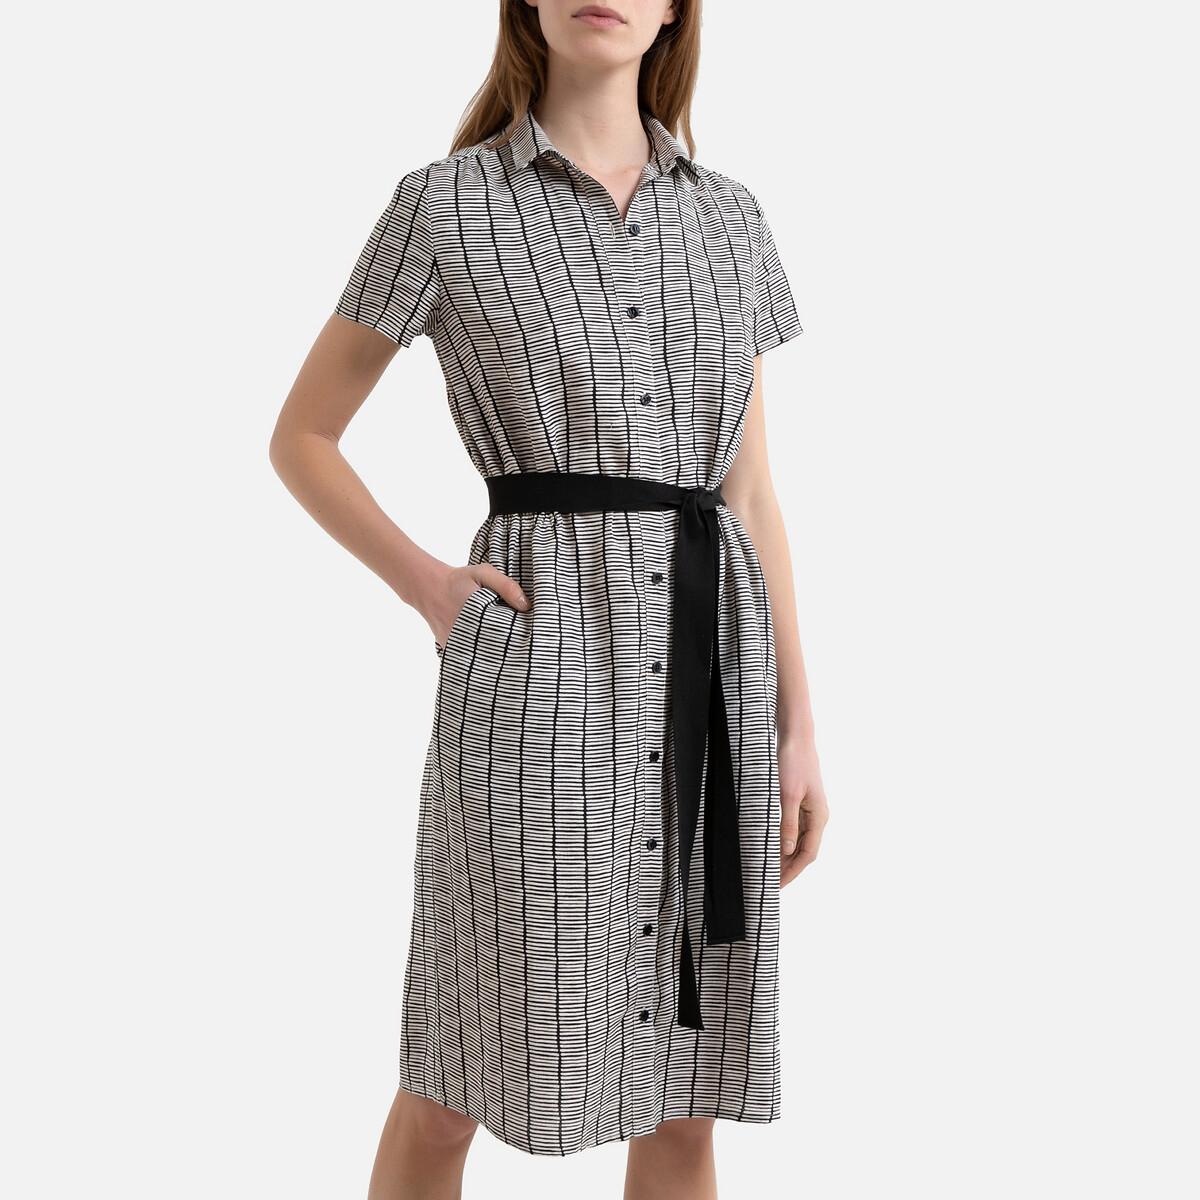 Платье La Redoute На пуговицах из льна с короткими рукавами DICKA 40 (FR) - 46 (RUS) каштановый